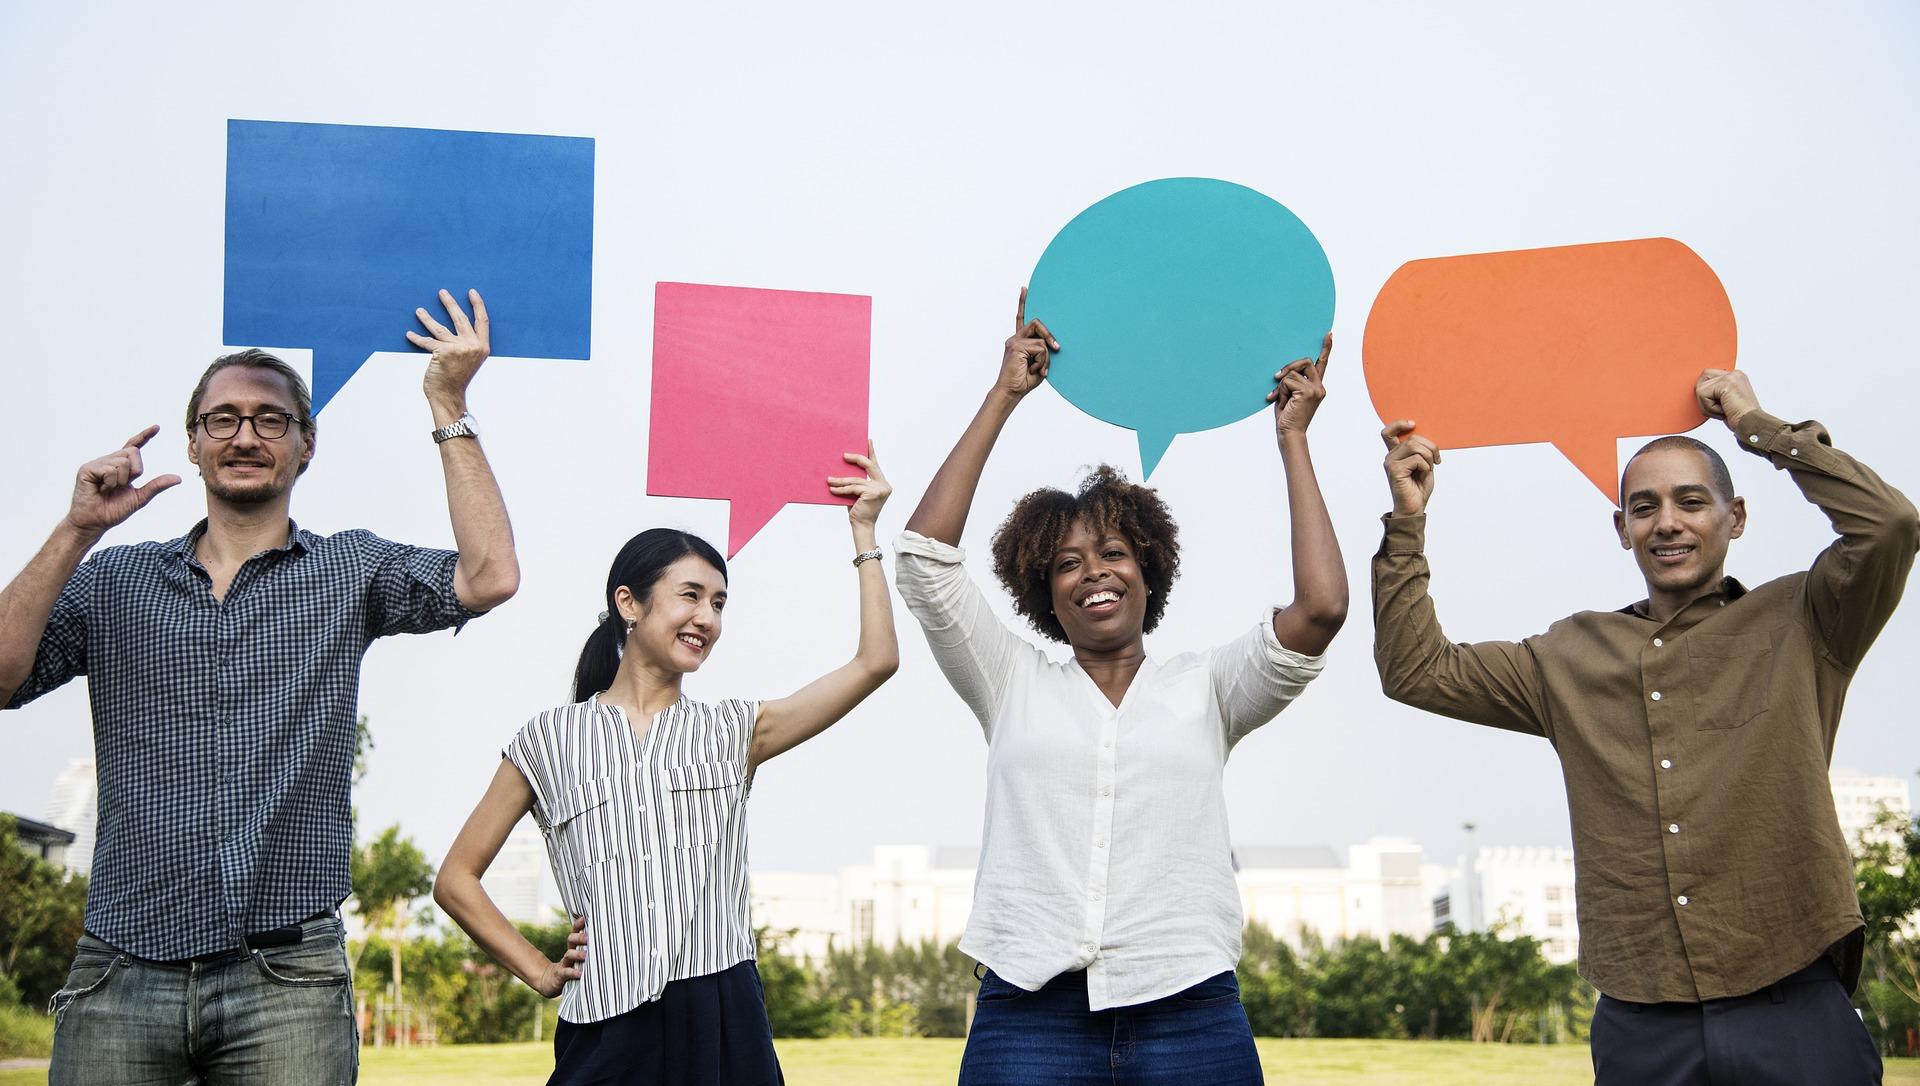 La comunicación no violenta busca satisfacer nuestras necesidades sin frustrar las del otro